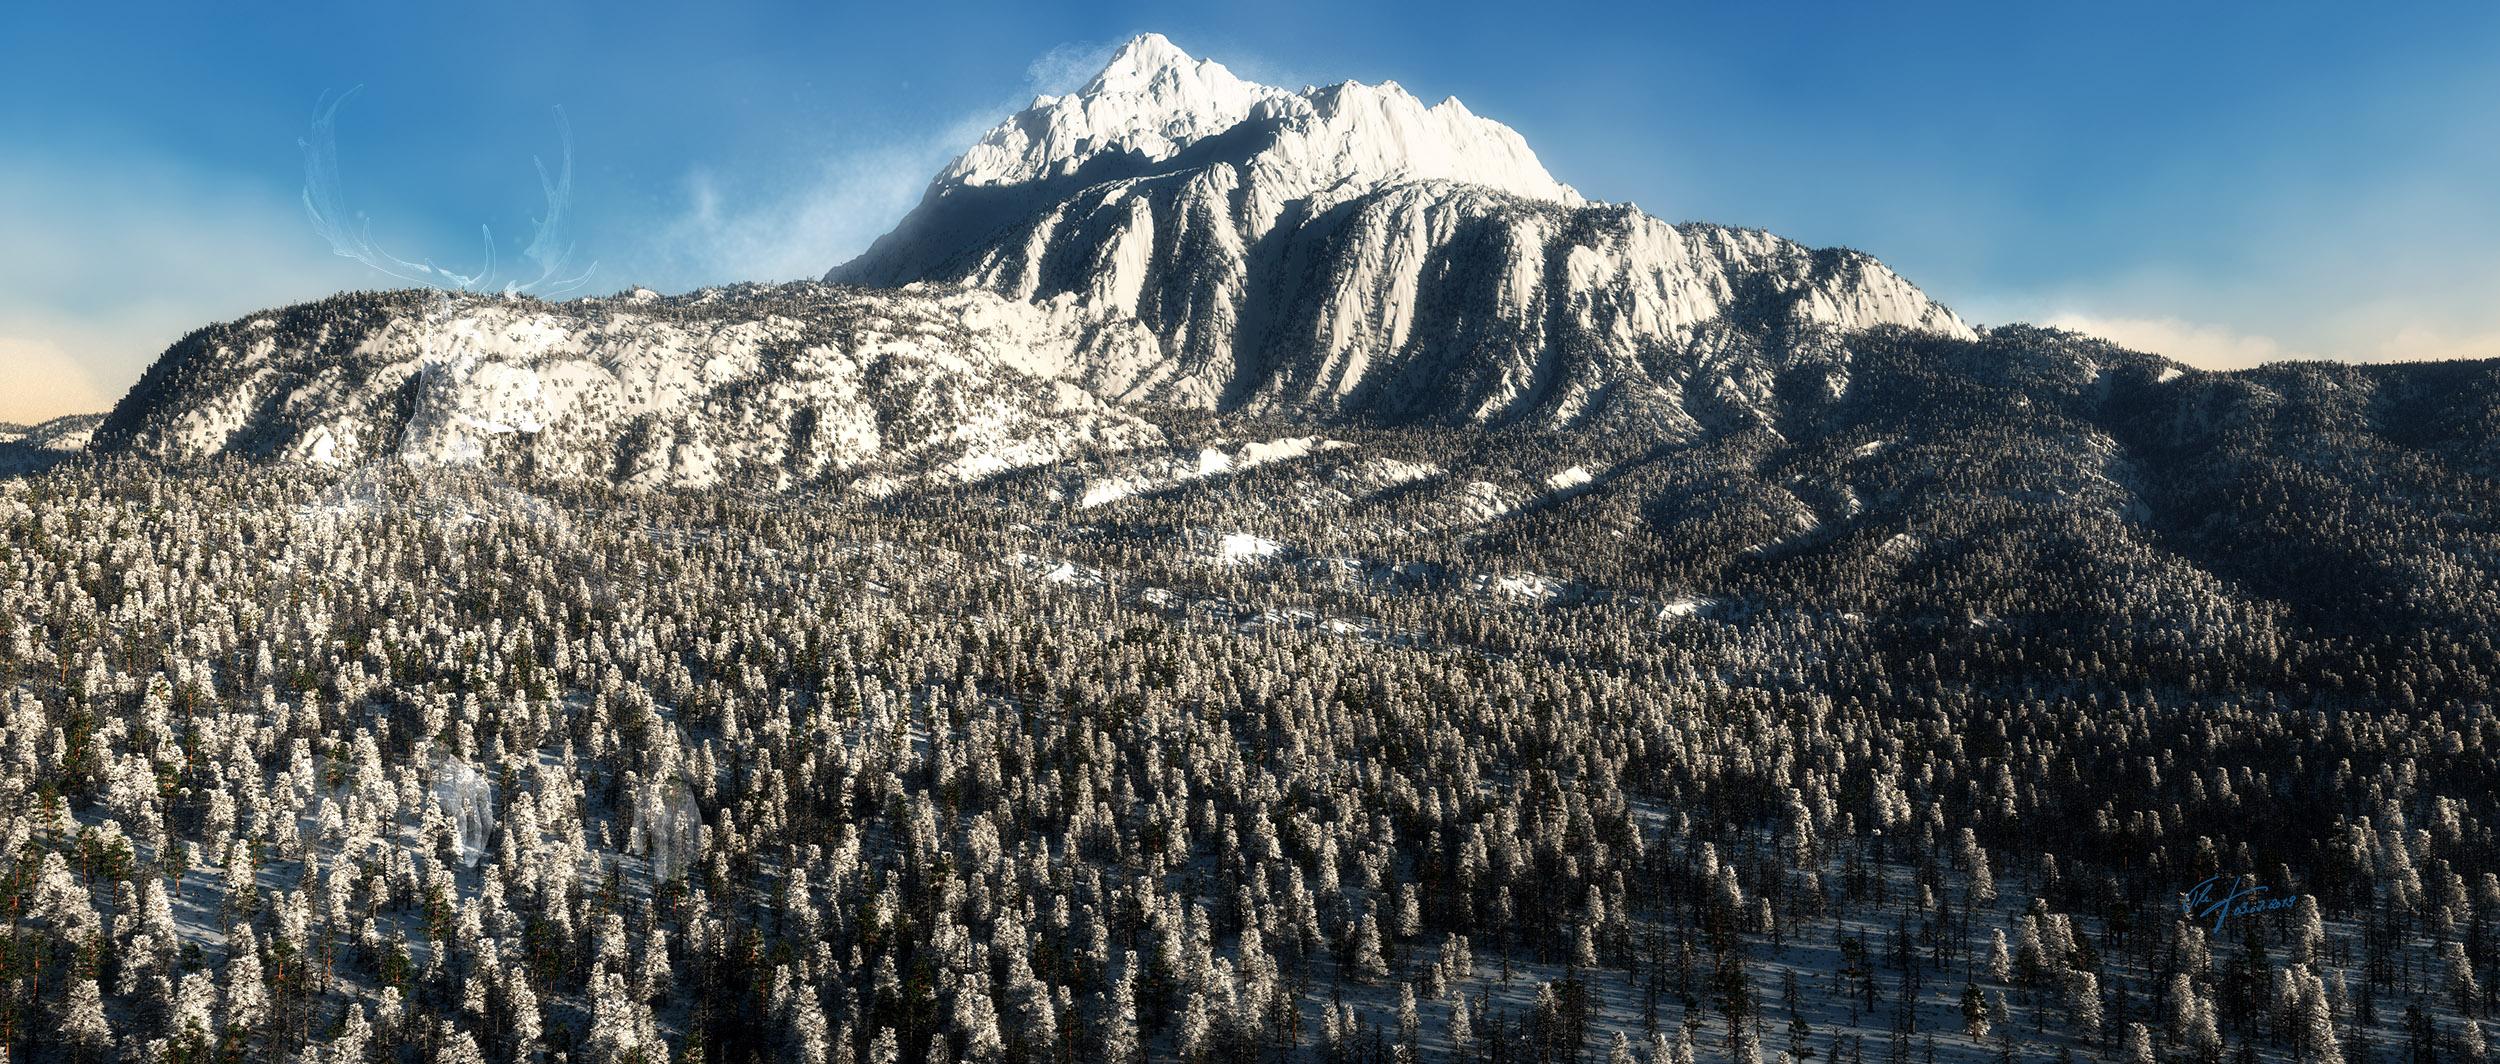 Landscape; Mountain; Winter; Fall Wind